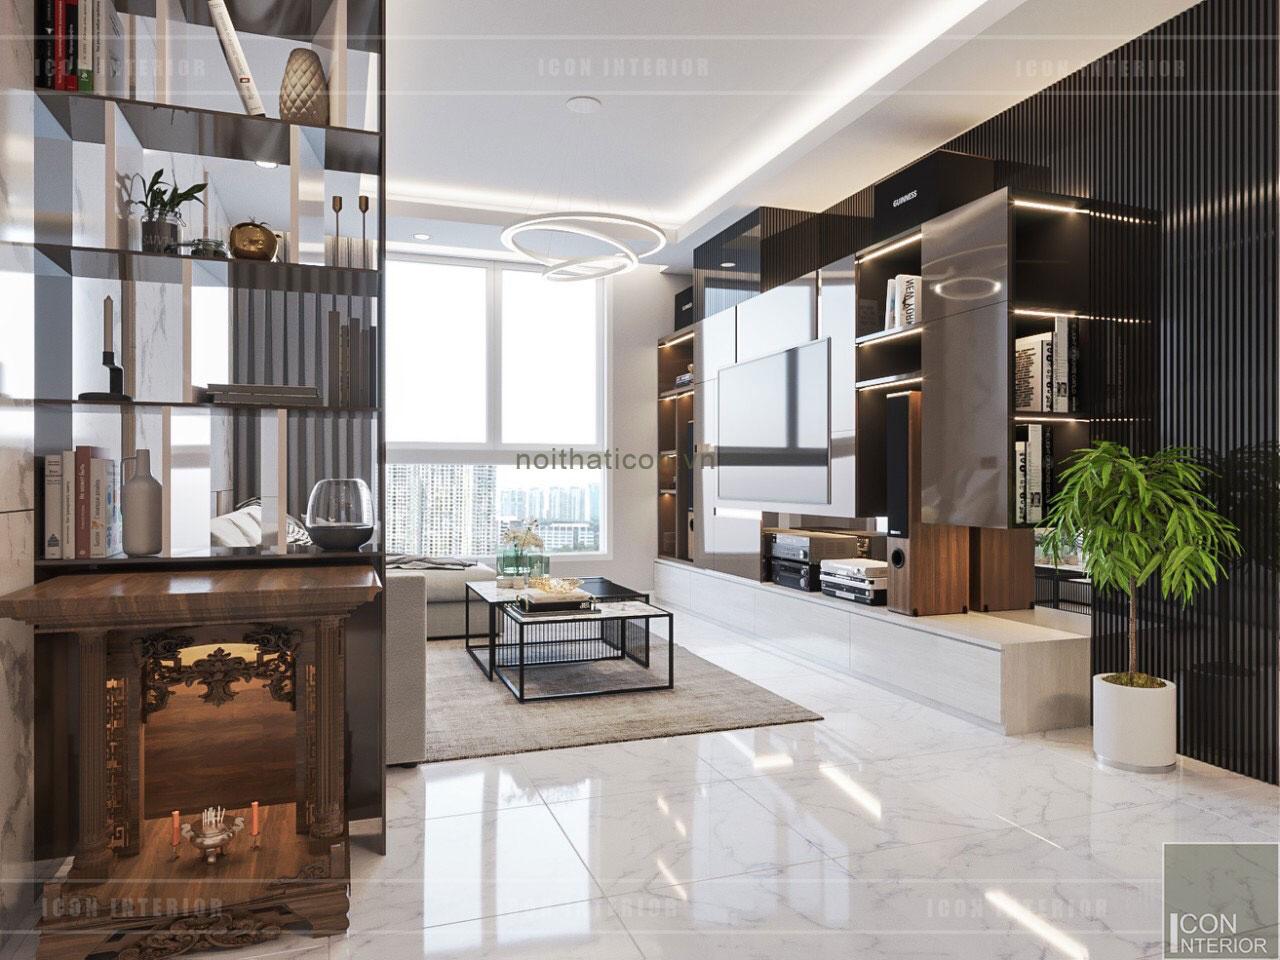 thiết kế nội thất nhà chung cư đẹp - phòng khách